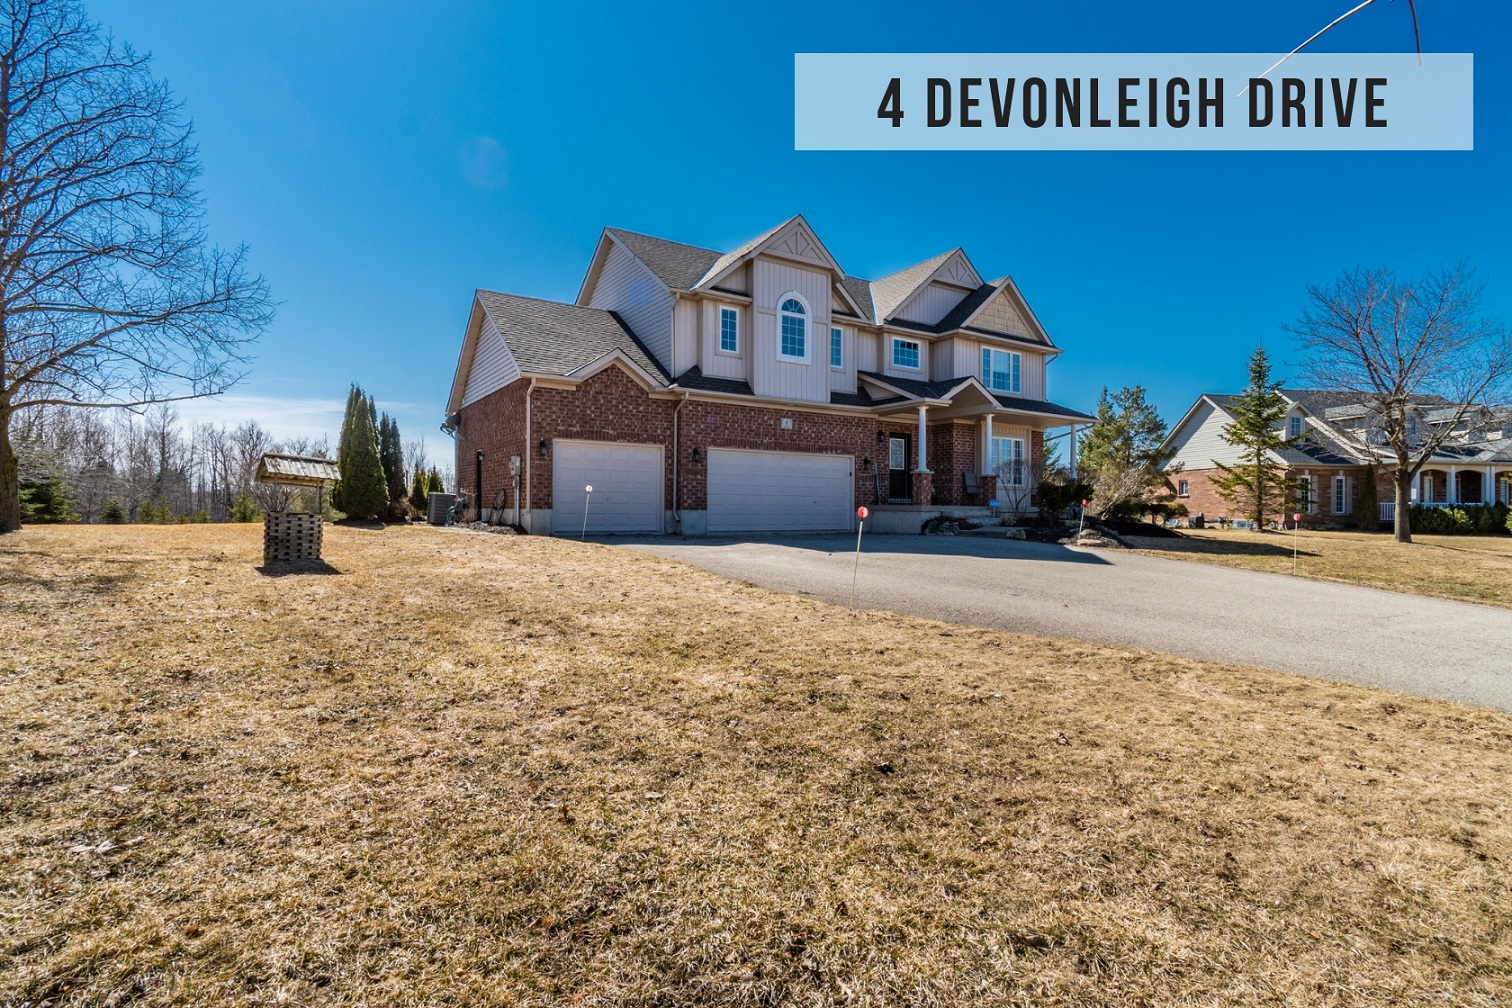 $879,900 • 4 Devonleigh Dr